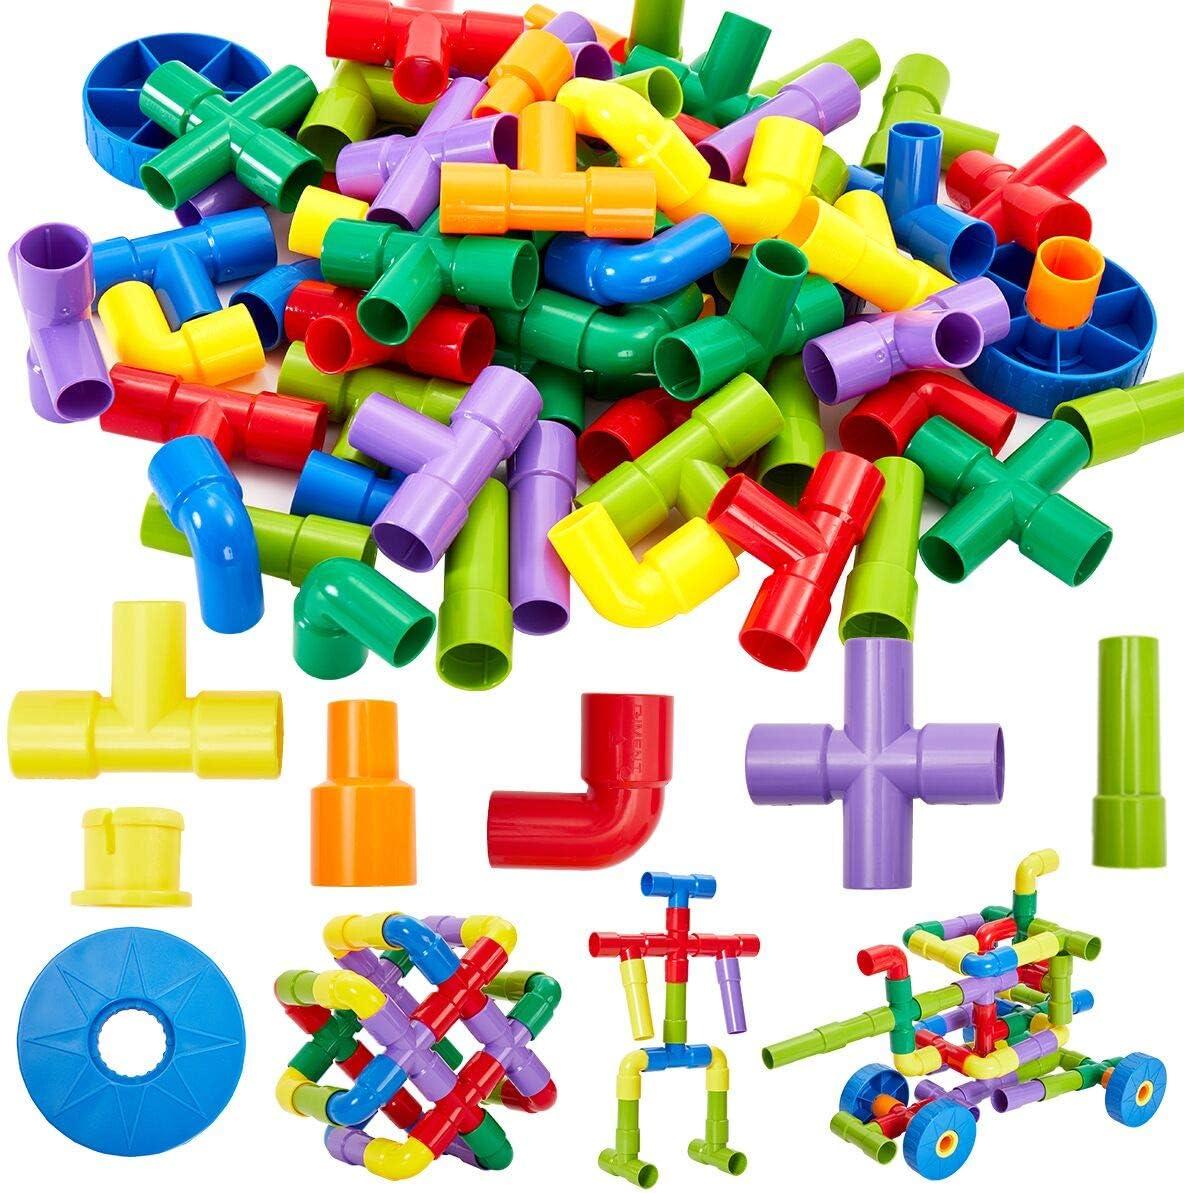 Onshine 72 Piezas Juego de Construcción Bloques de Tubo Puzzles Infantiles Juegos Educativo Regalo Juguetes para Niños 3 Años